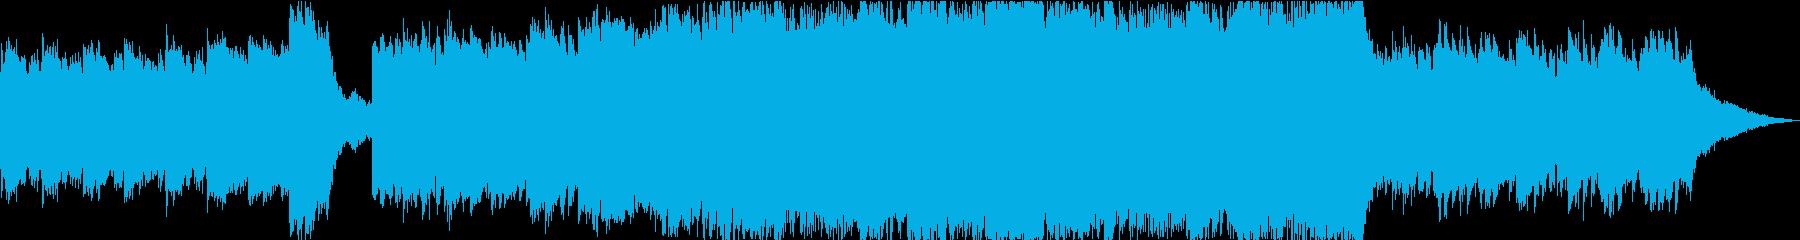 神秘的アンビエントの再生済みの波形